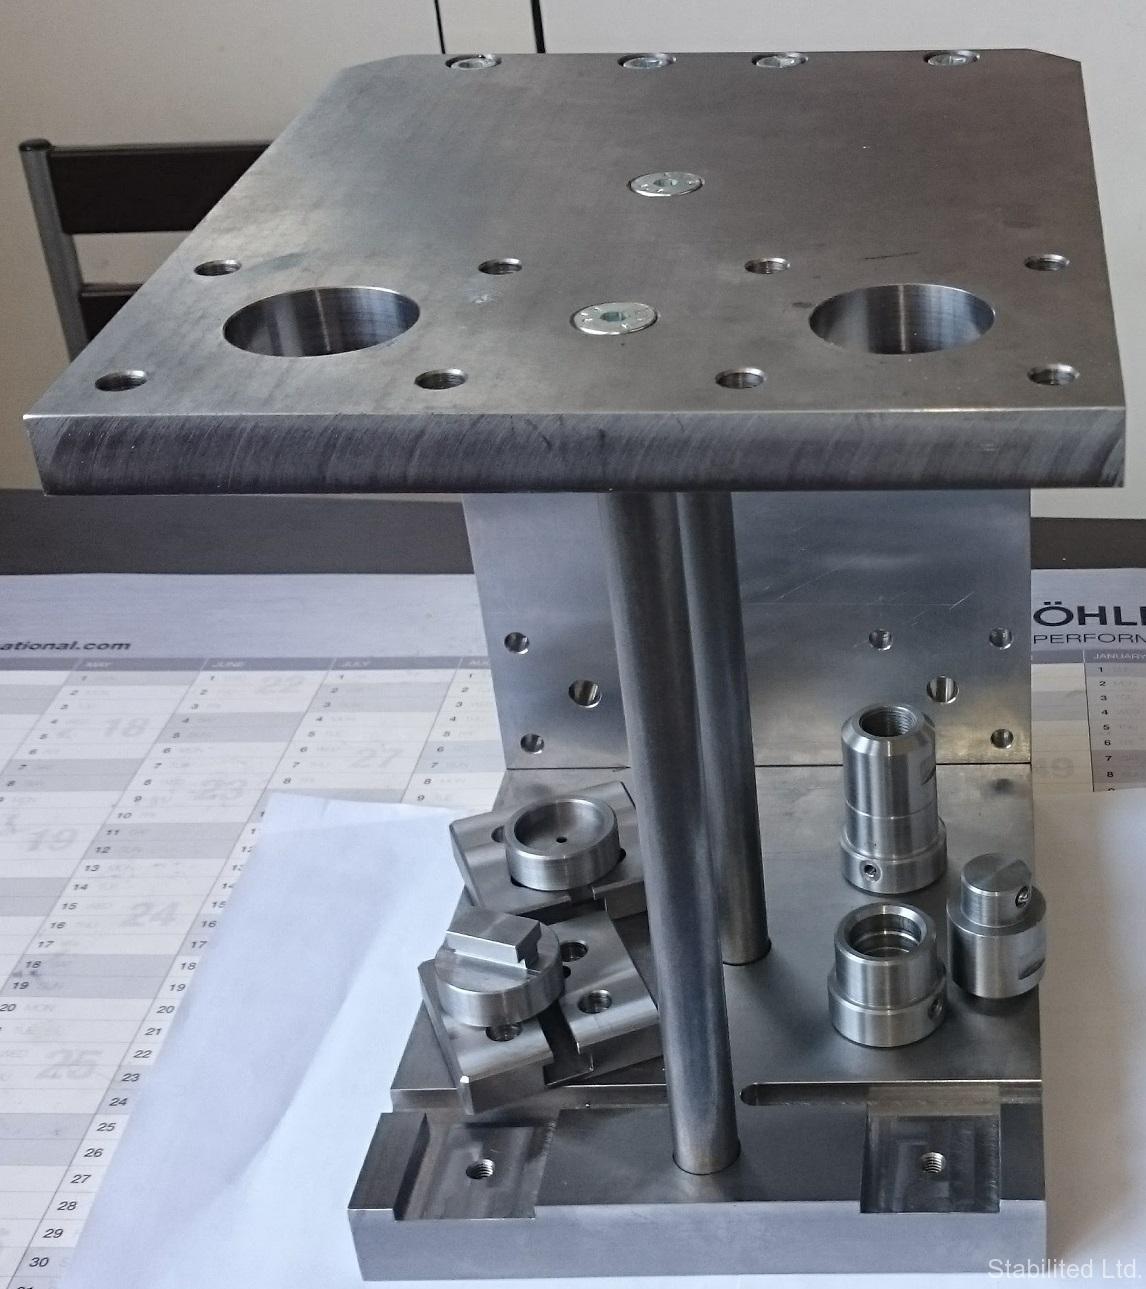 [:bg]Маркираща преса и стенд за тестване на вентили изработени за Данфос България.[:en]Marking press and valve test stand manufactured for Danfoss Bulgaria[:]